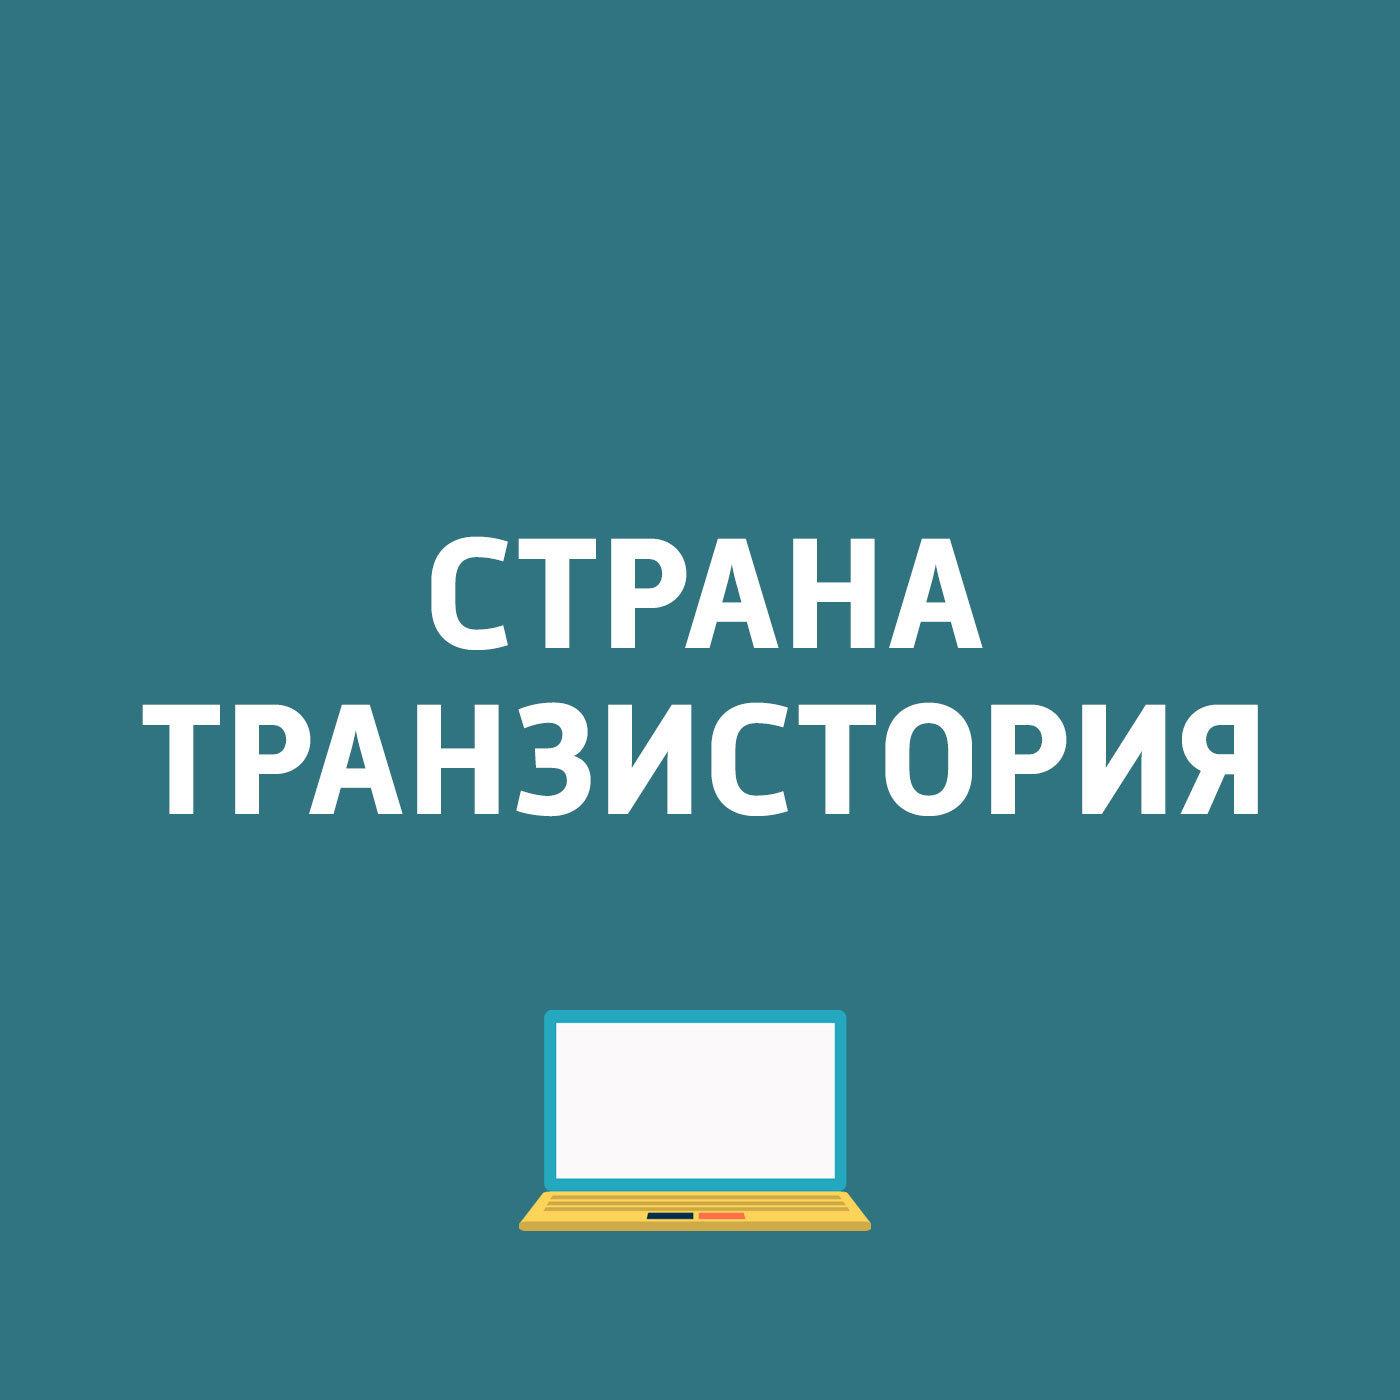 Картаев Павел YotaPhone 3, В Москве прошел Geek Picnic картаев павел яндекс подвел музыкальные итоги года в twitter появились прямые трансляции без periscope